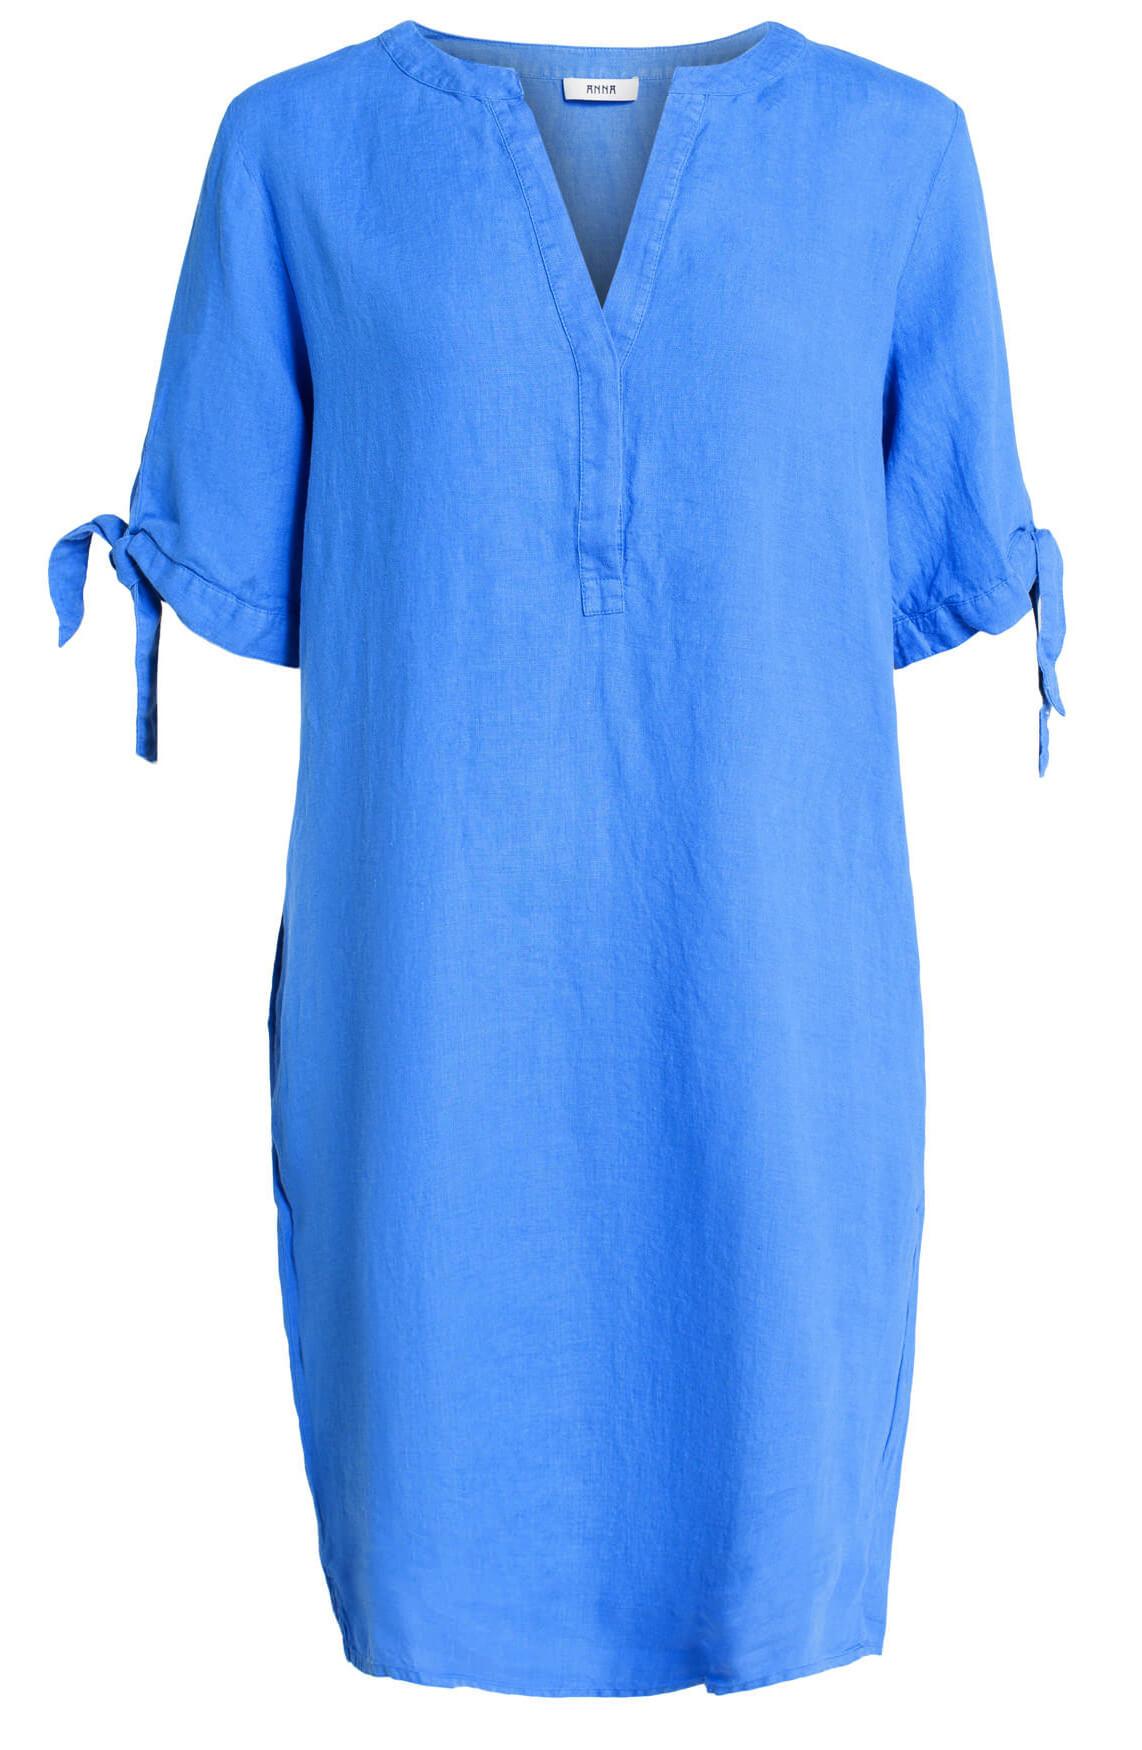 Anna Dames Linnen jurk met knoopdetail Blauw